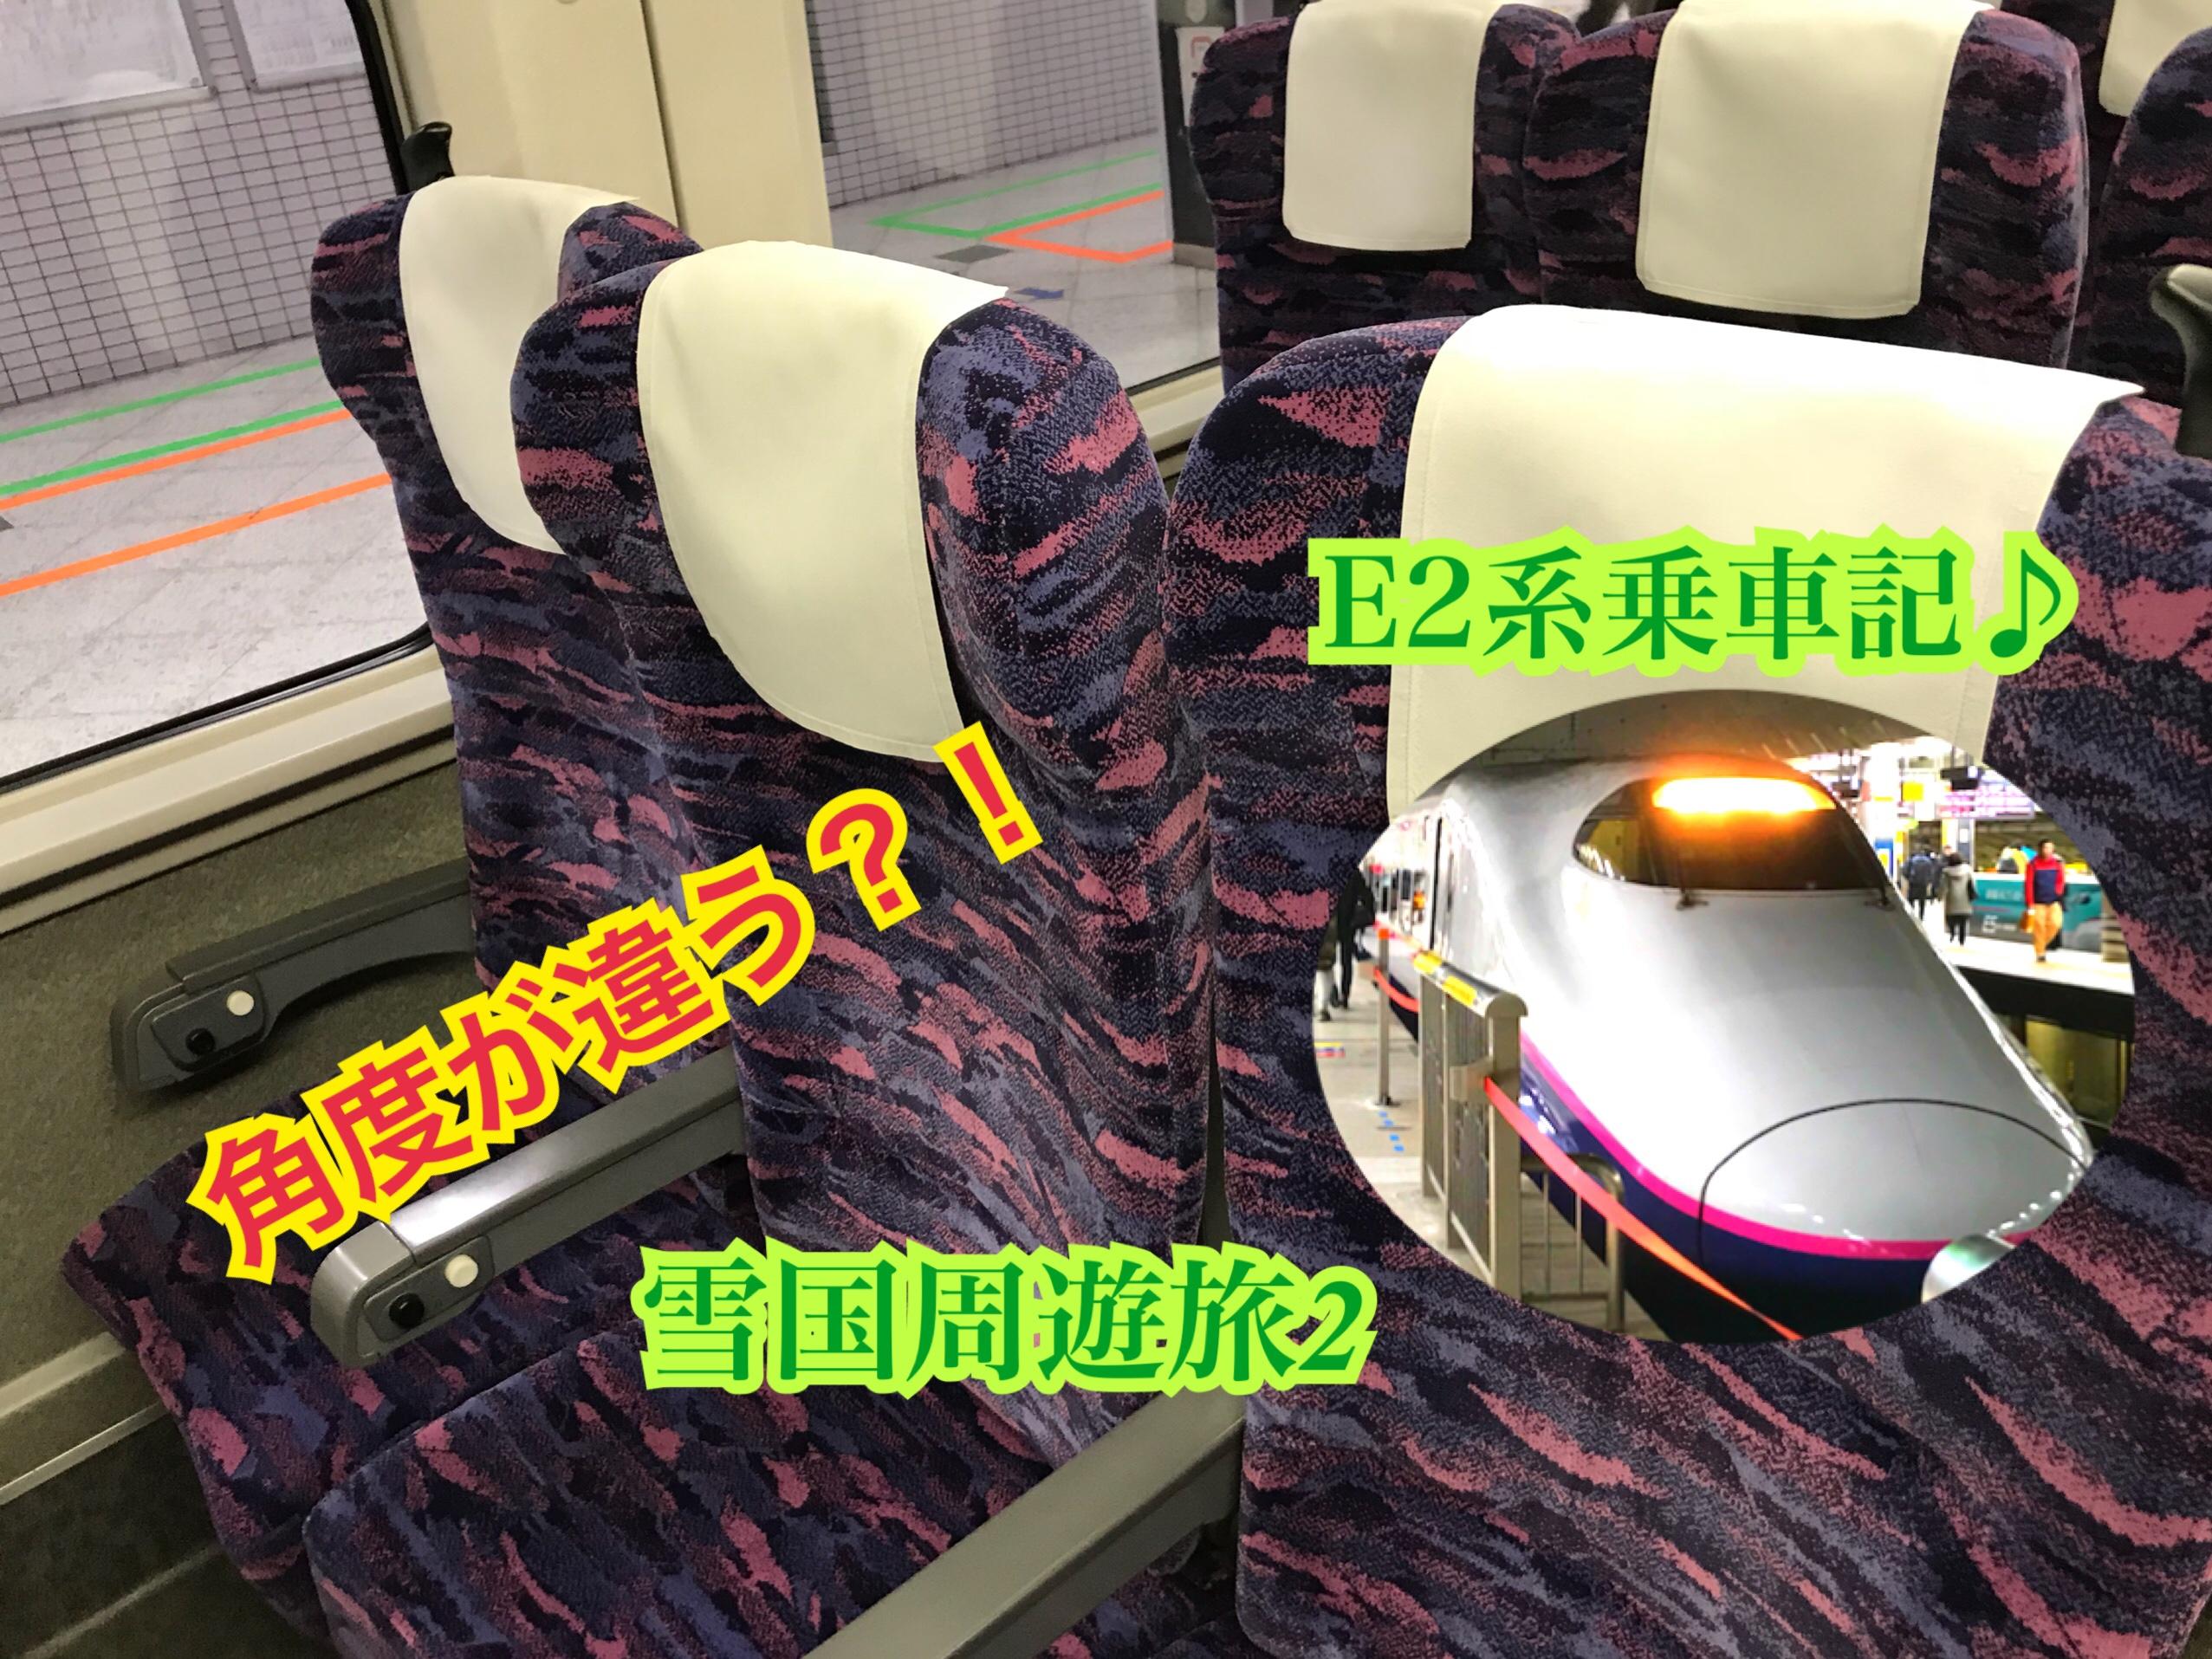 角度が違う座席がある?!E2系で新潟へ【雪国周遊旅】